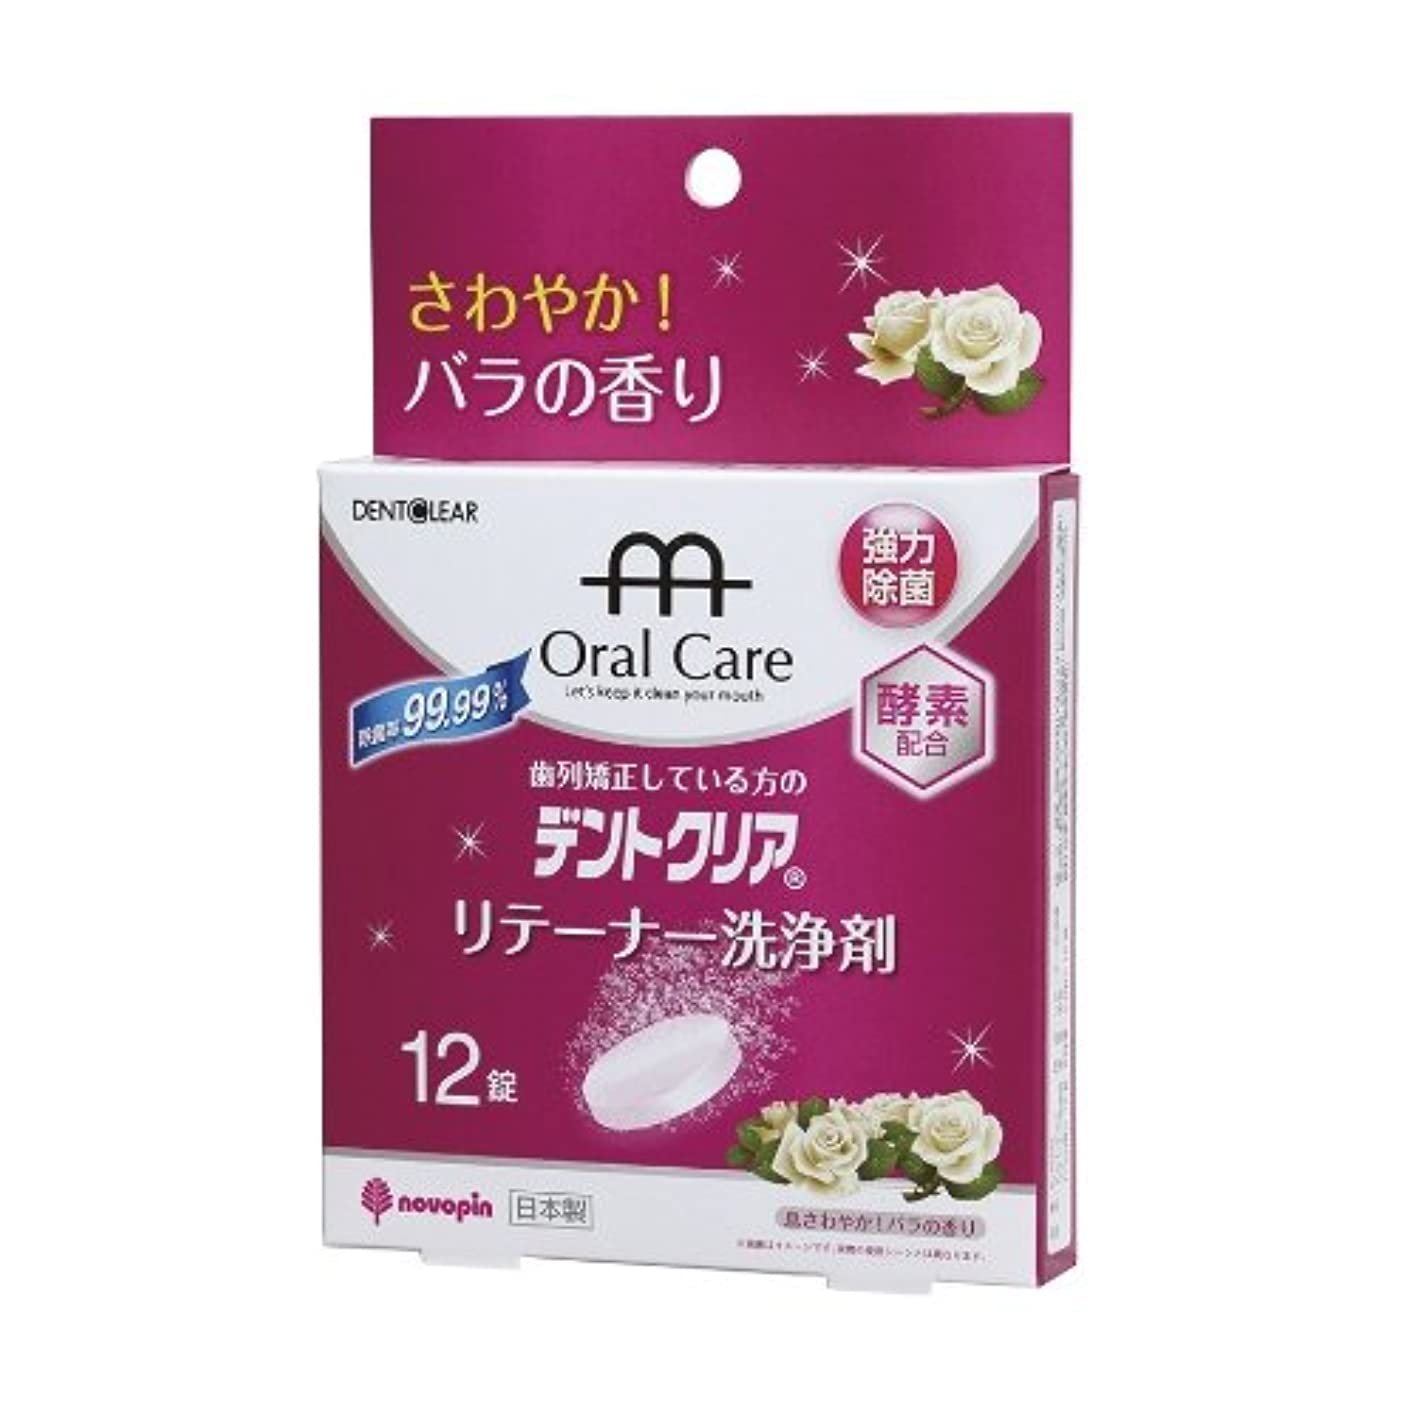 用量うがい薬校長紀陽除虫菊 歯列矯正している方のデントクリア リテーナー 洗浄剤 バラの香り 12錠